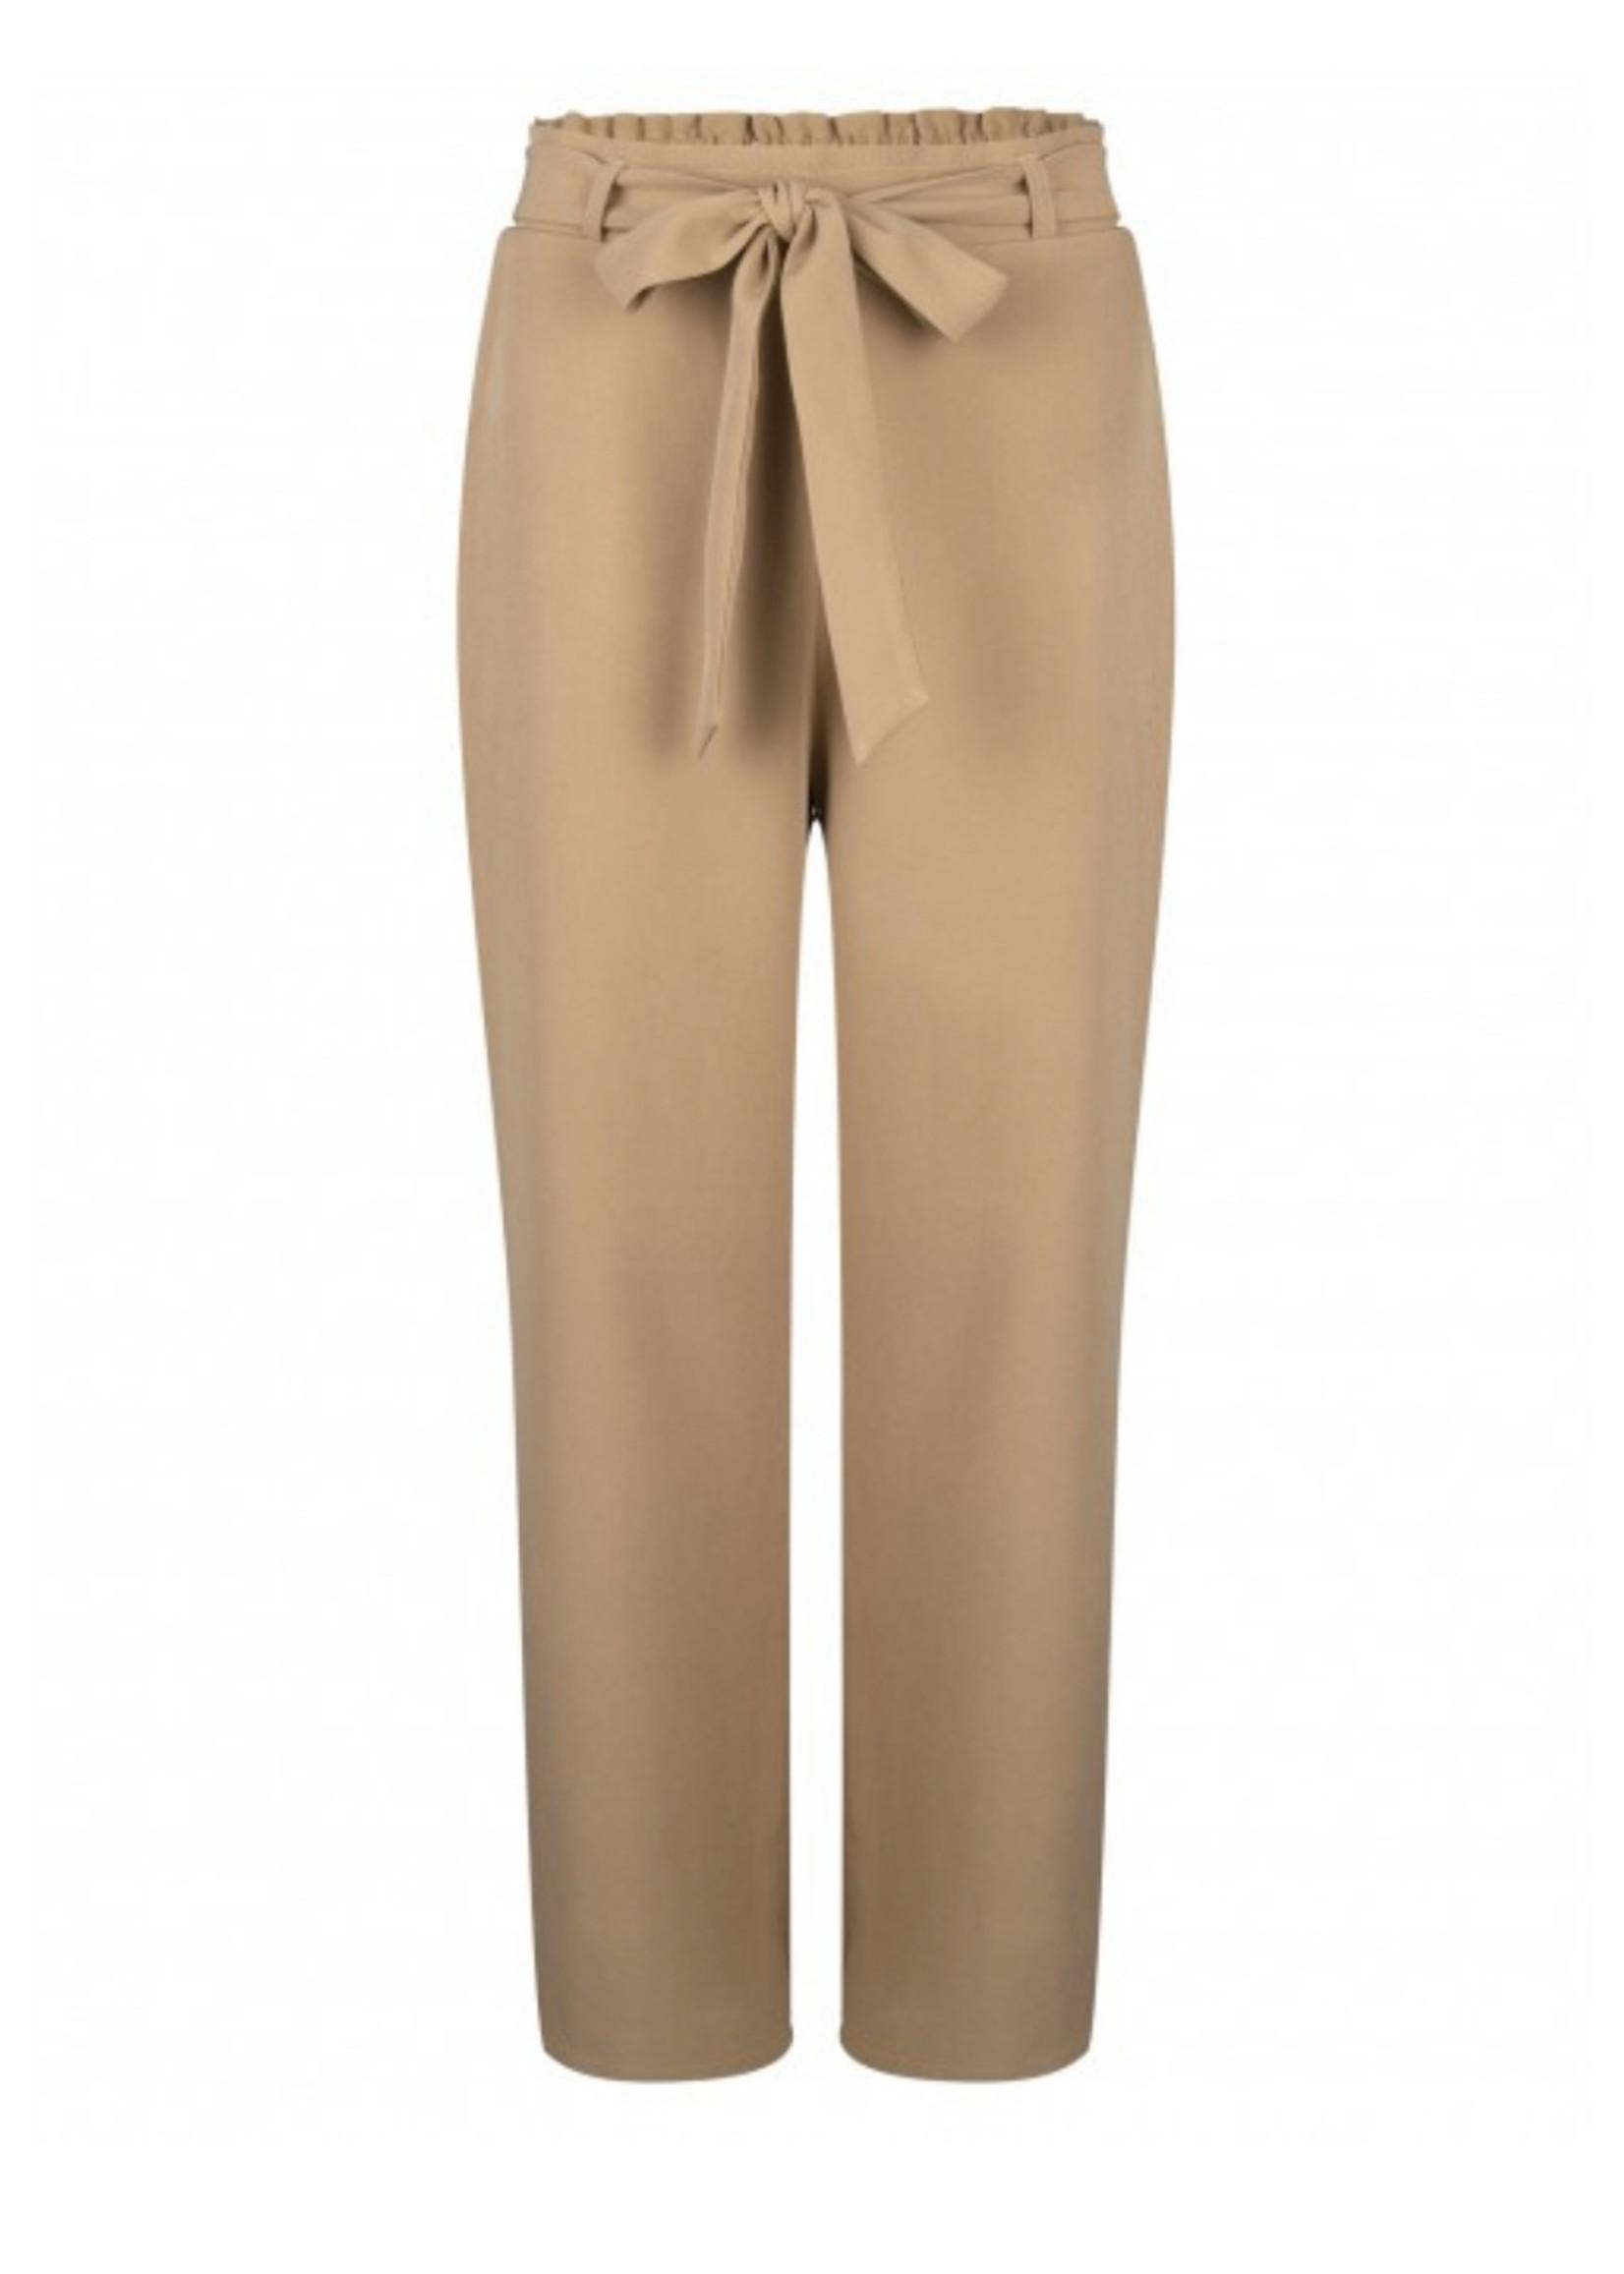 YDENCE Highwaist broek in beige van Ydence